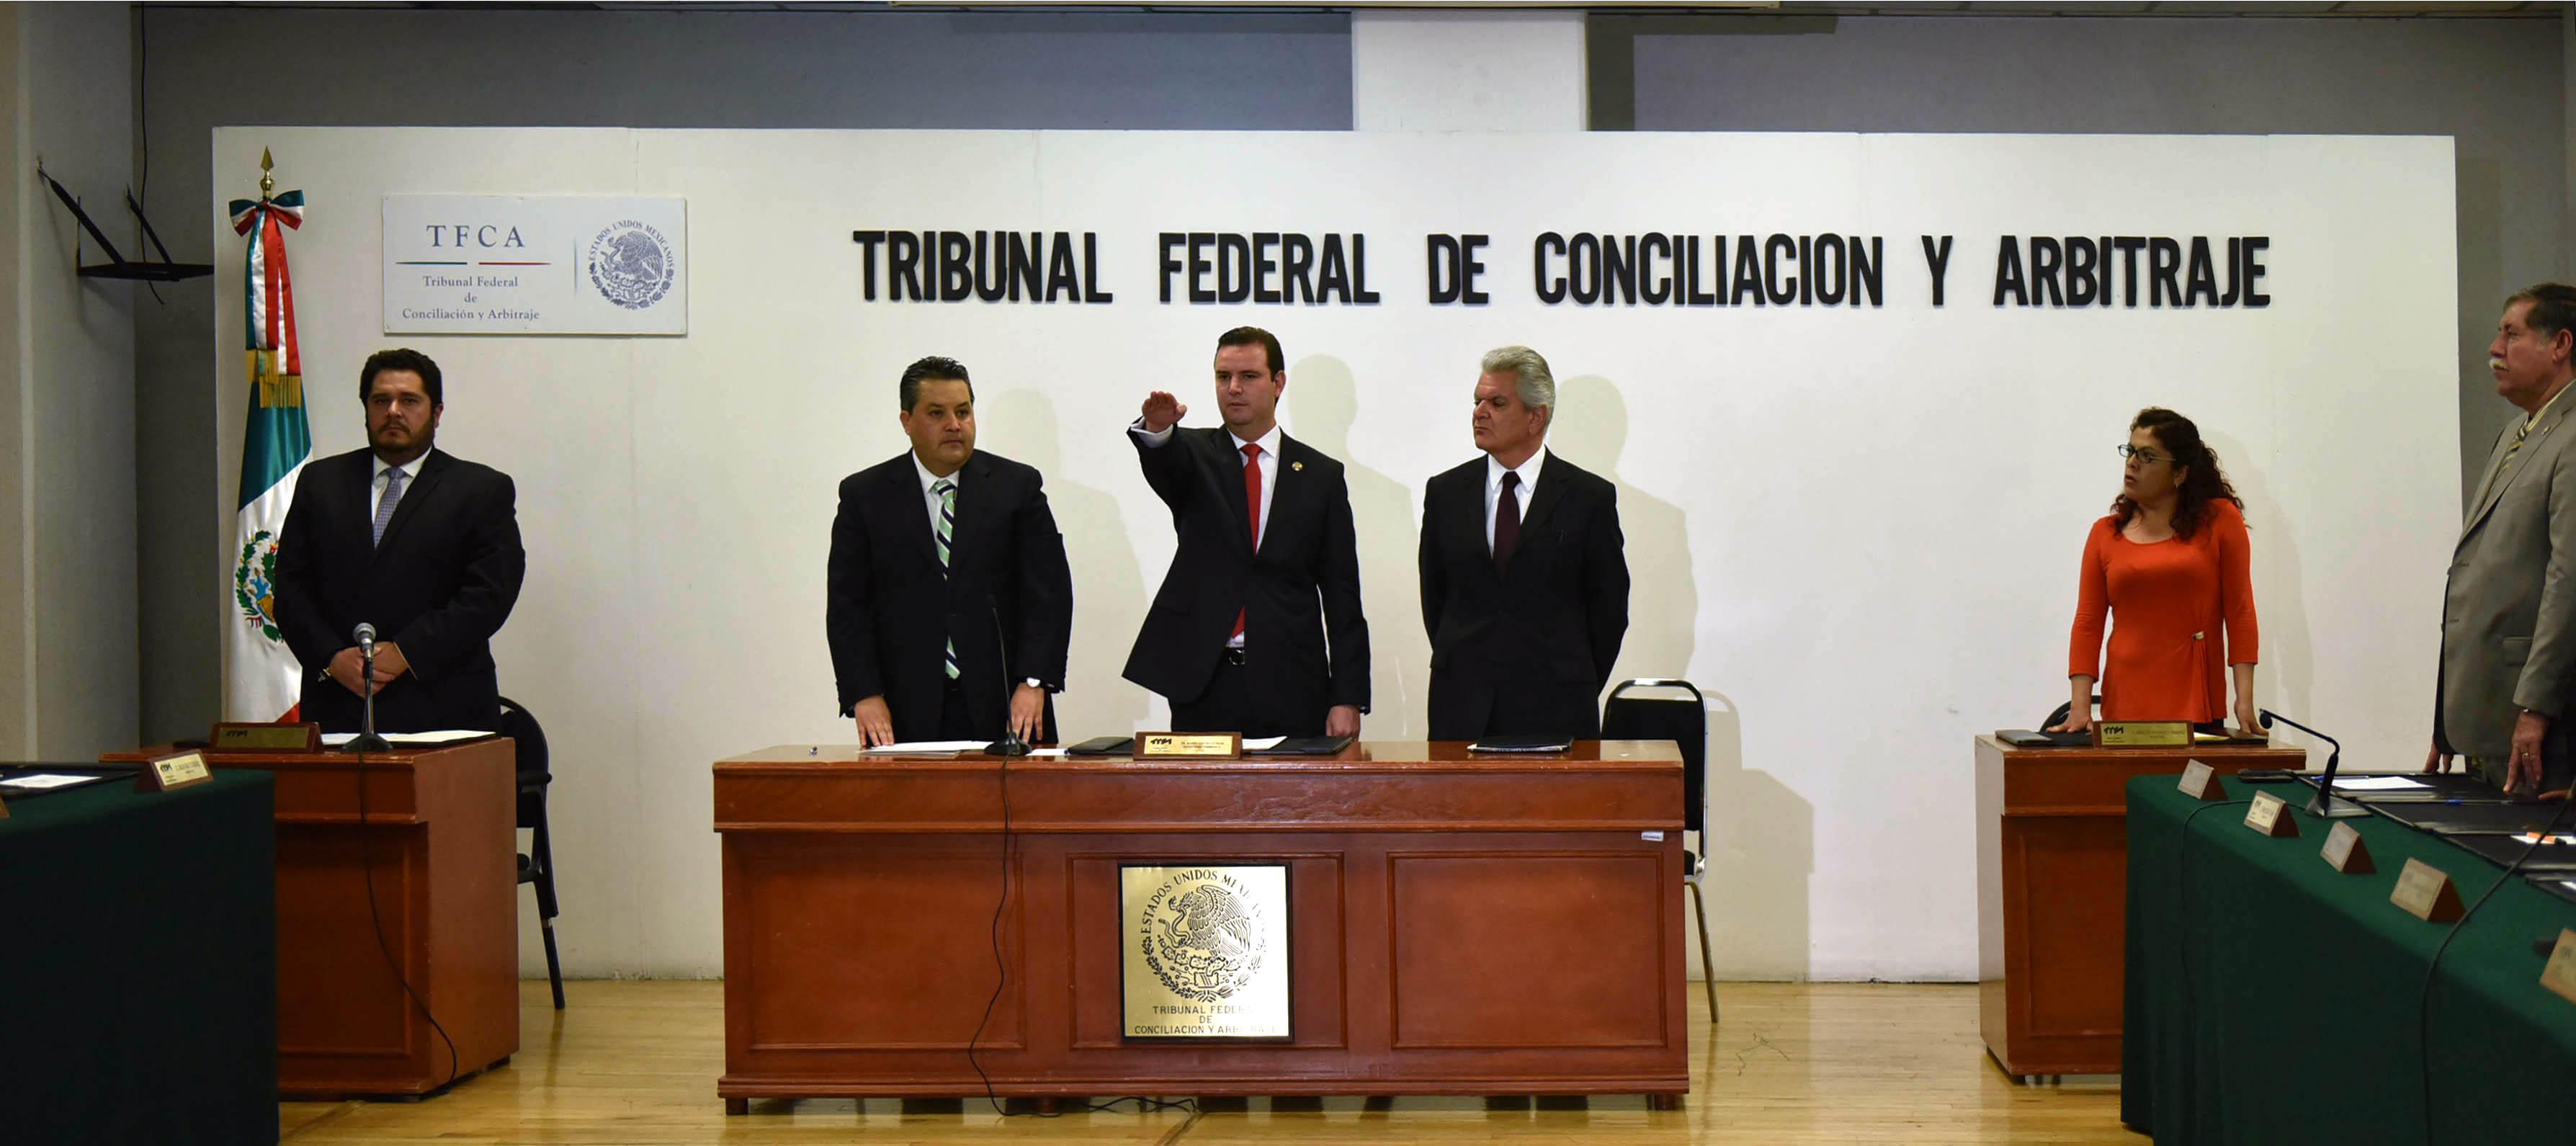 El Oficial Mayor, Jorge Francisco Márquez Montes, asiste en representación del Secretario de Gobernación, a la toma de posesión del Magistrado Luis Gerardo de la Peña Gutiérrez, como presidente del TFCA.